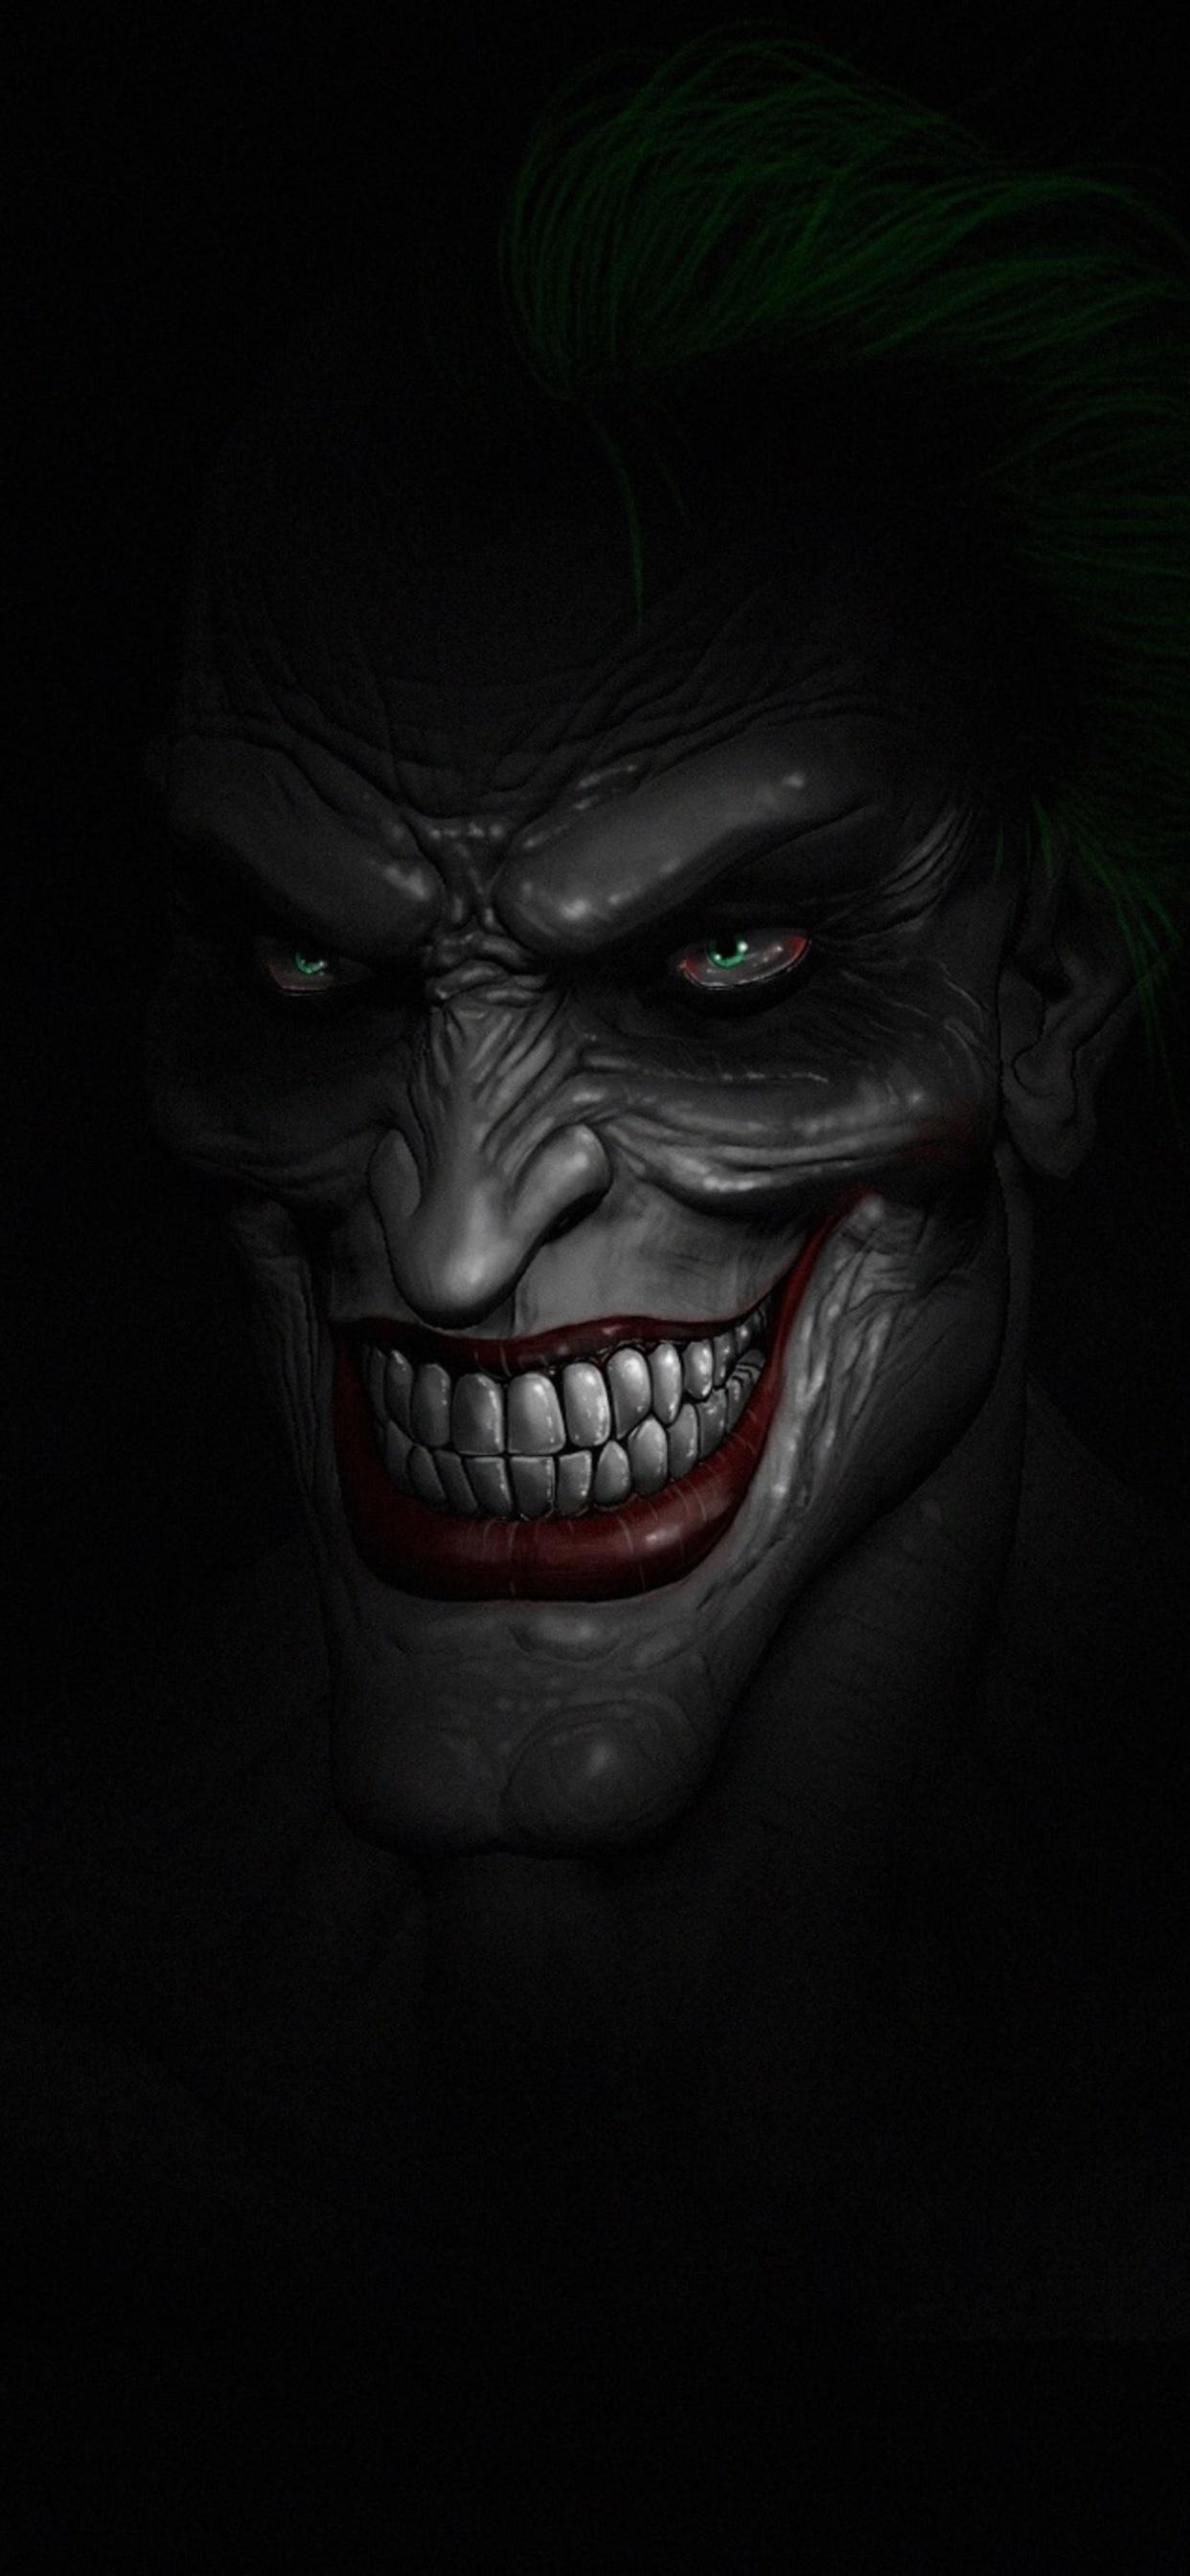 1242x2688 Joker Dark Minimalist Iphone Xs Max Hd 4k Wallpapers